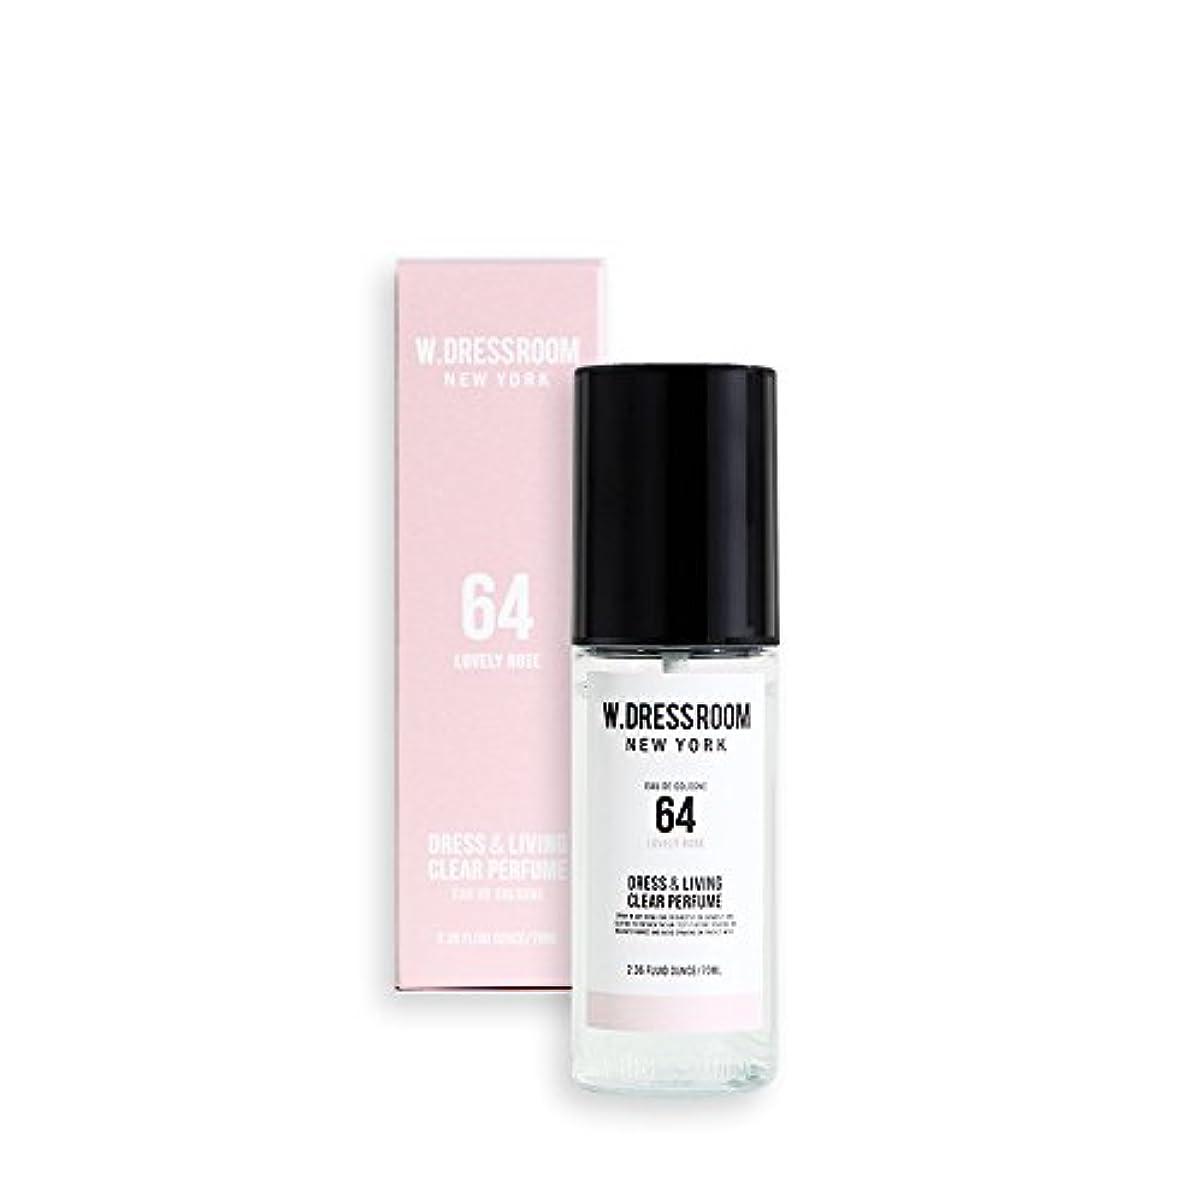 位置づける重さアマチュアW.DRESSROOM Dress & Living Clear Perfume 70ml/ダブルドレスルーム ドレス&リビング クリア パフューム 70ml (#No.64 Lovely Rose) [並行輸入品]